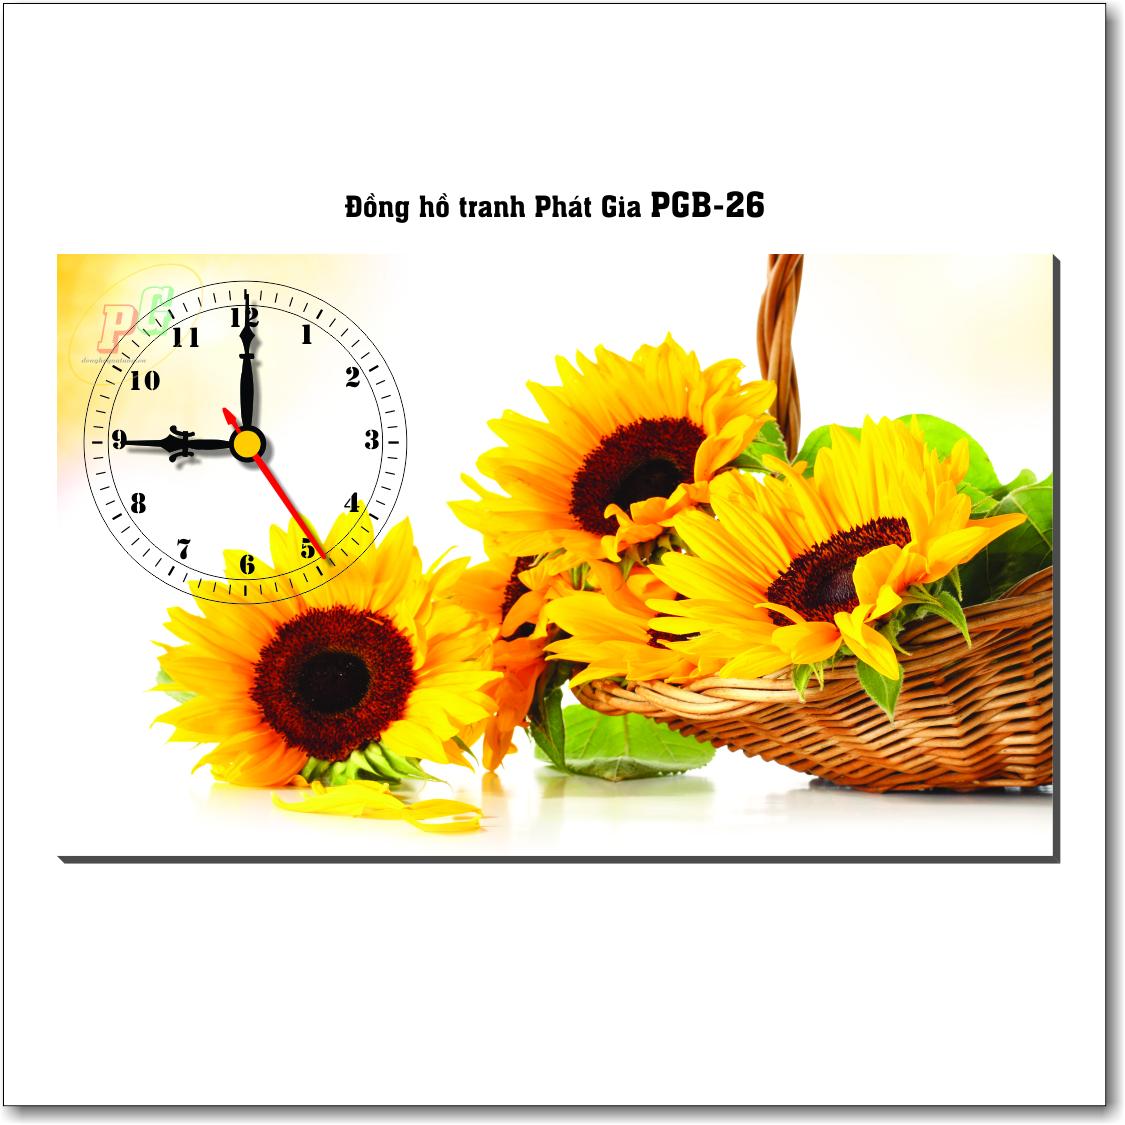 Đồng hồ tranh để bàn PGB-26